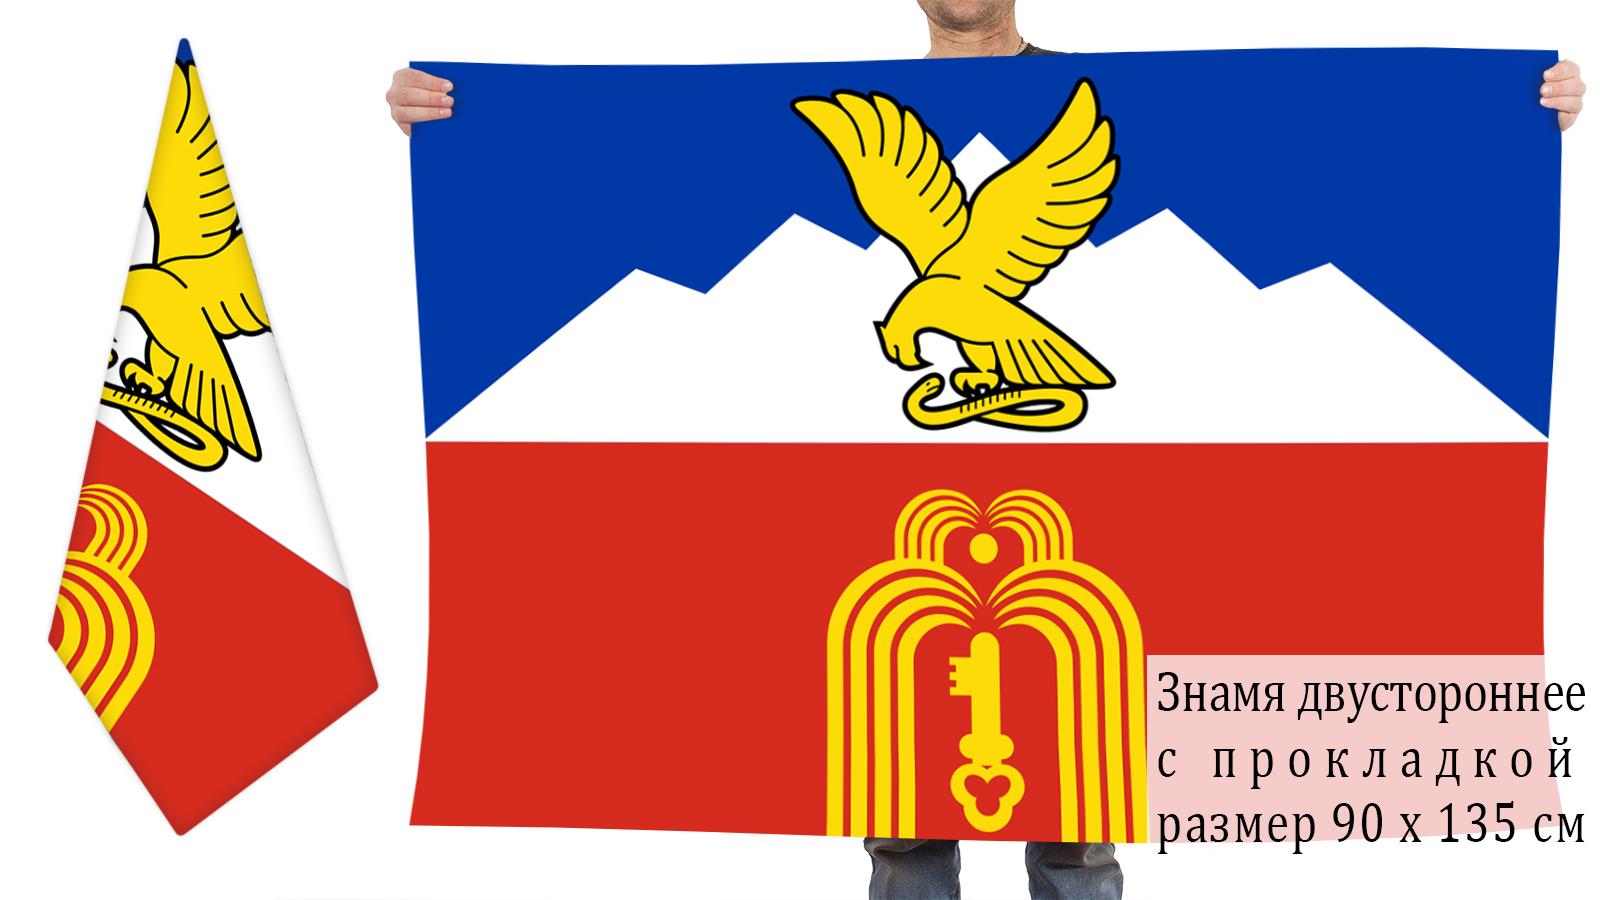 Двусторонний флаг Пятигорска